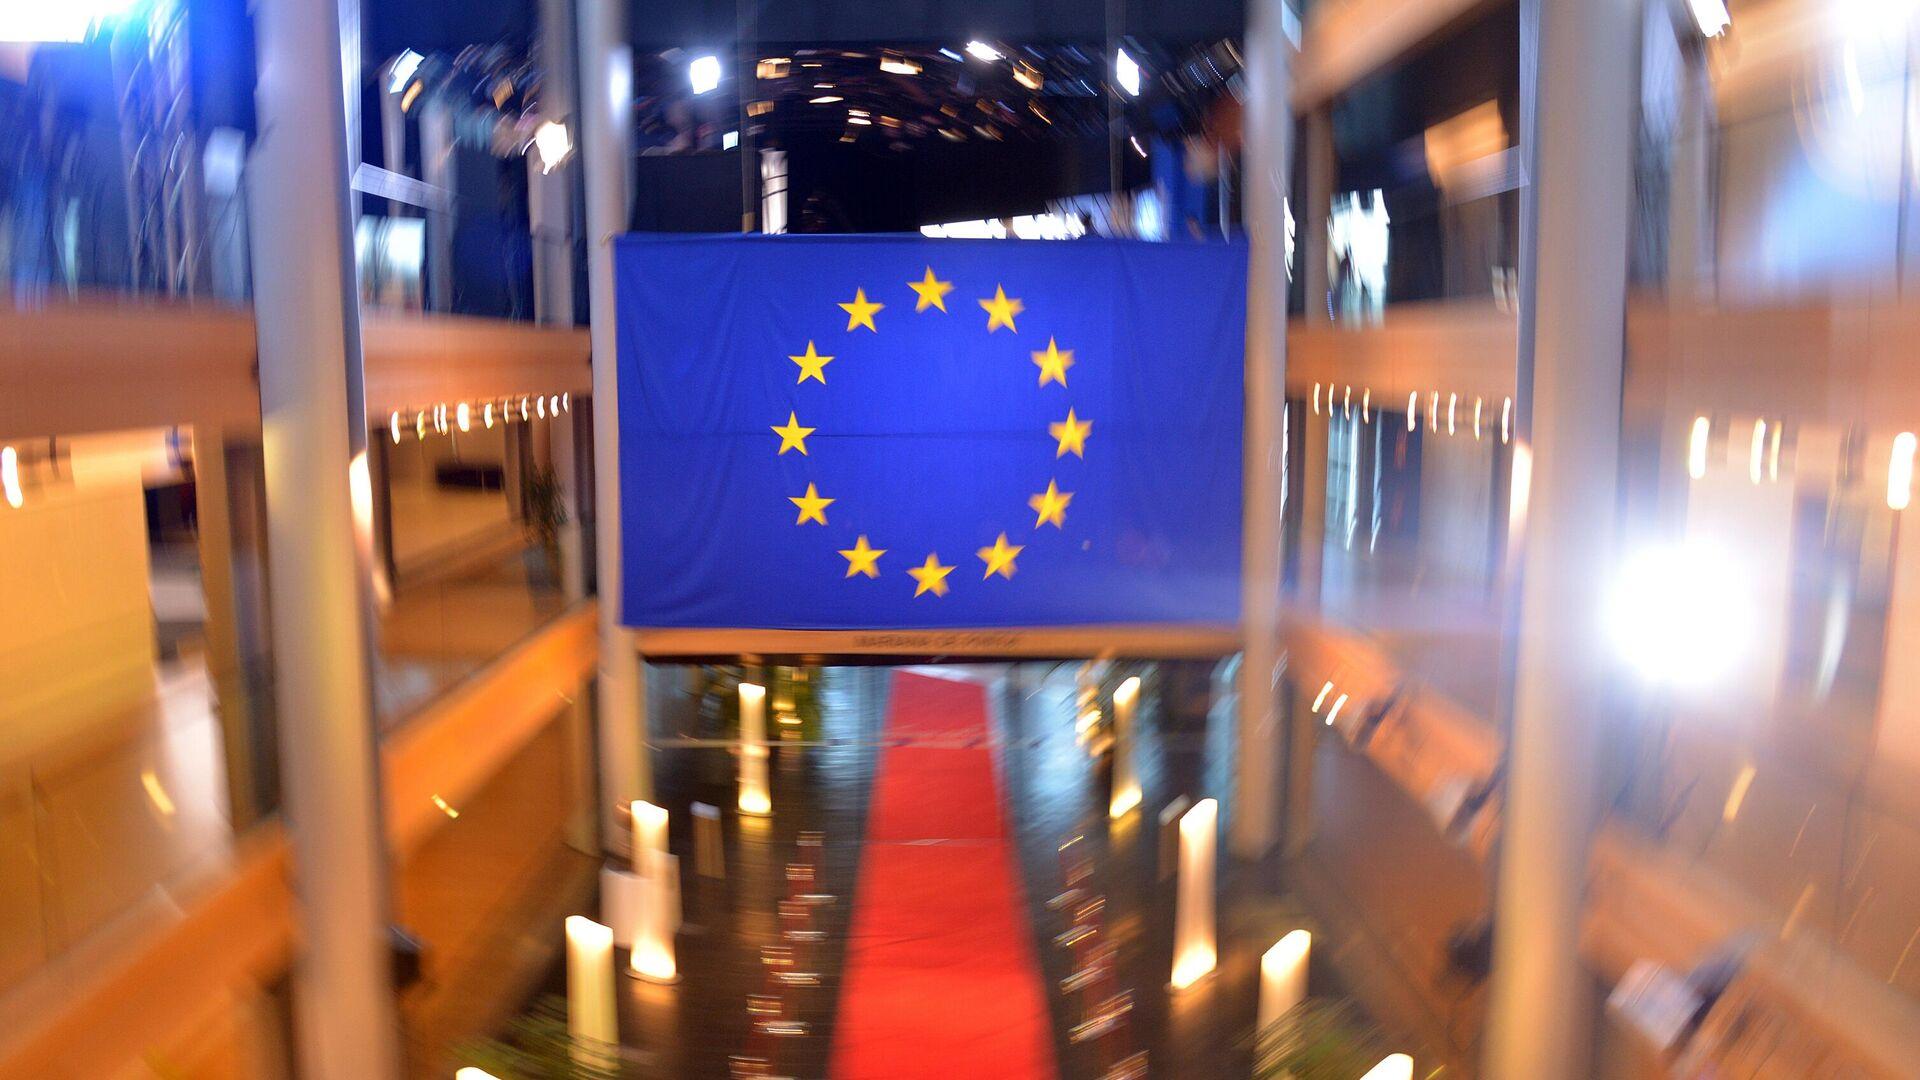 Флаг Евросоюза в главном здании Европейского парламента в Страсбурге - РИА Новости, 1920, 28.02.2021